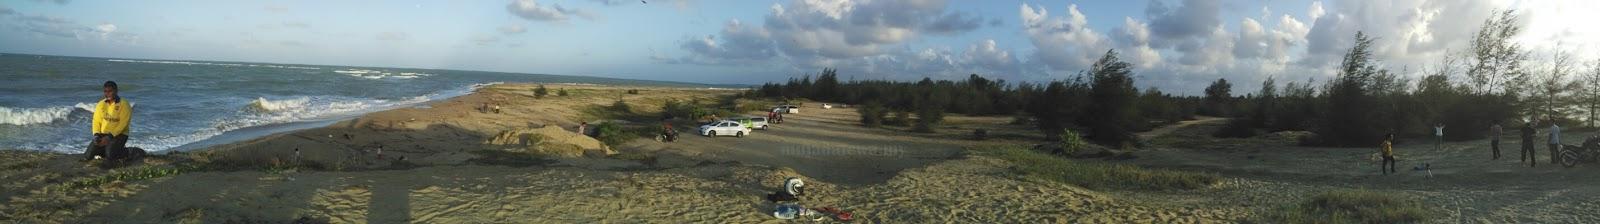 pantai mek mas, pantai cantik kelantan, pantai cantik, pantai cantik malaysia